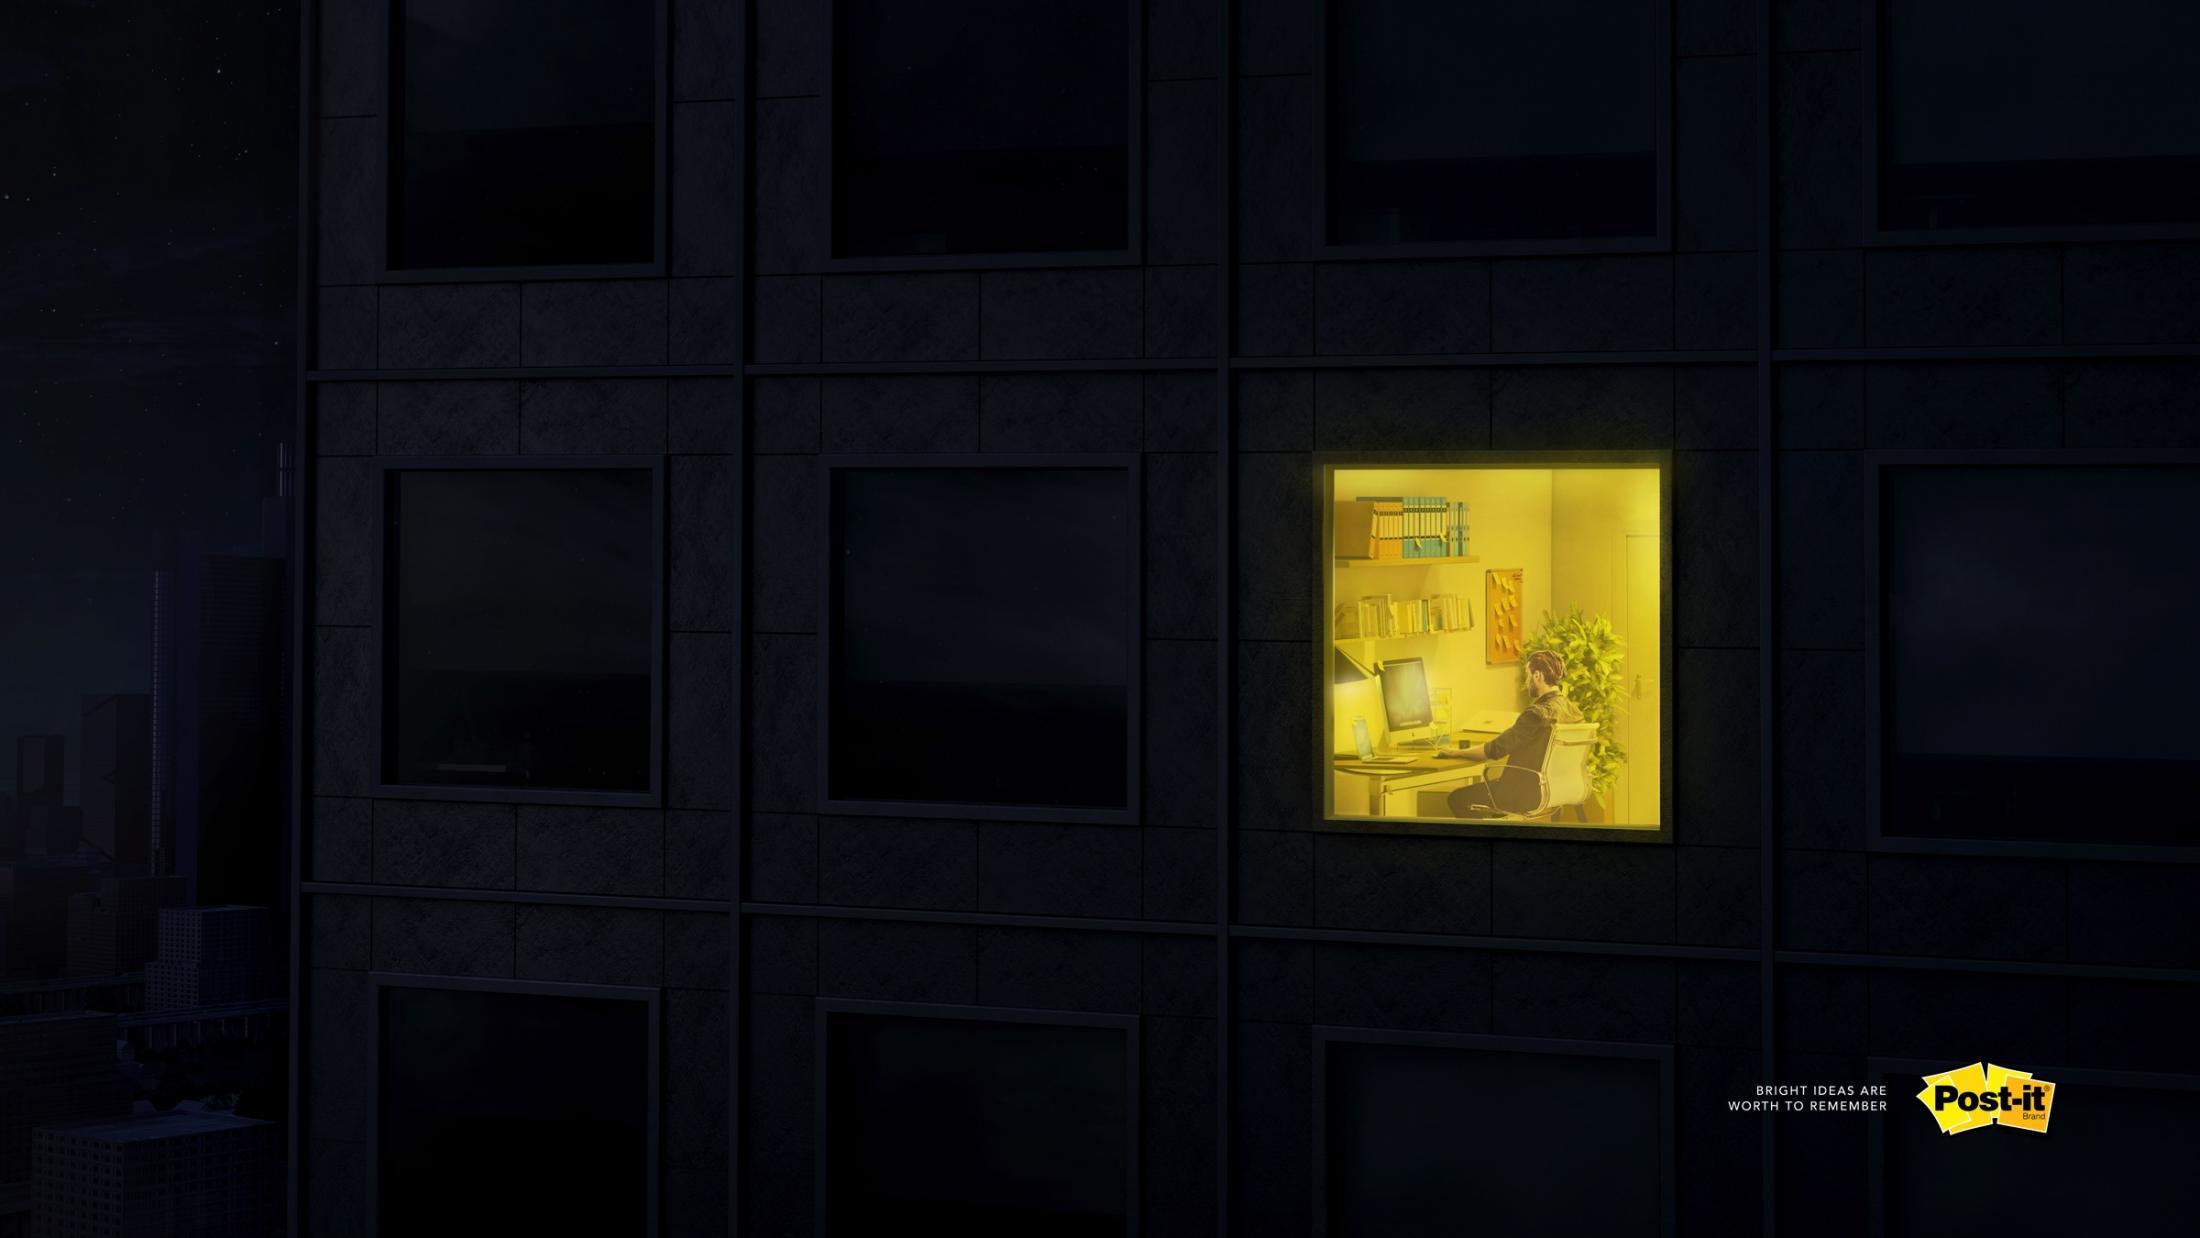 Post-it Brand Print Ad - Bright Ideas, 2